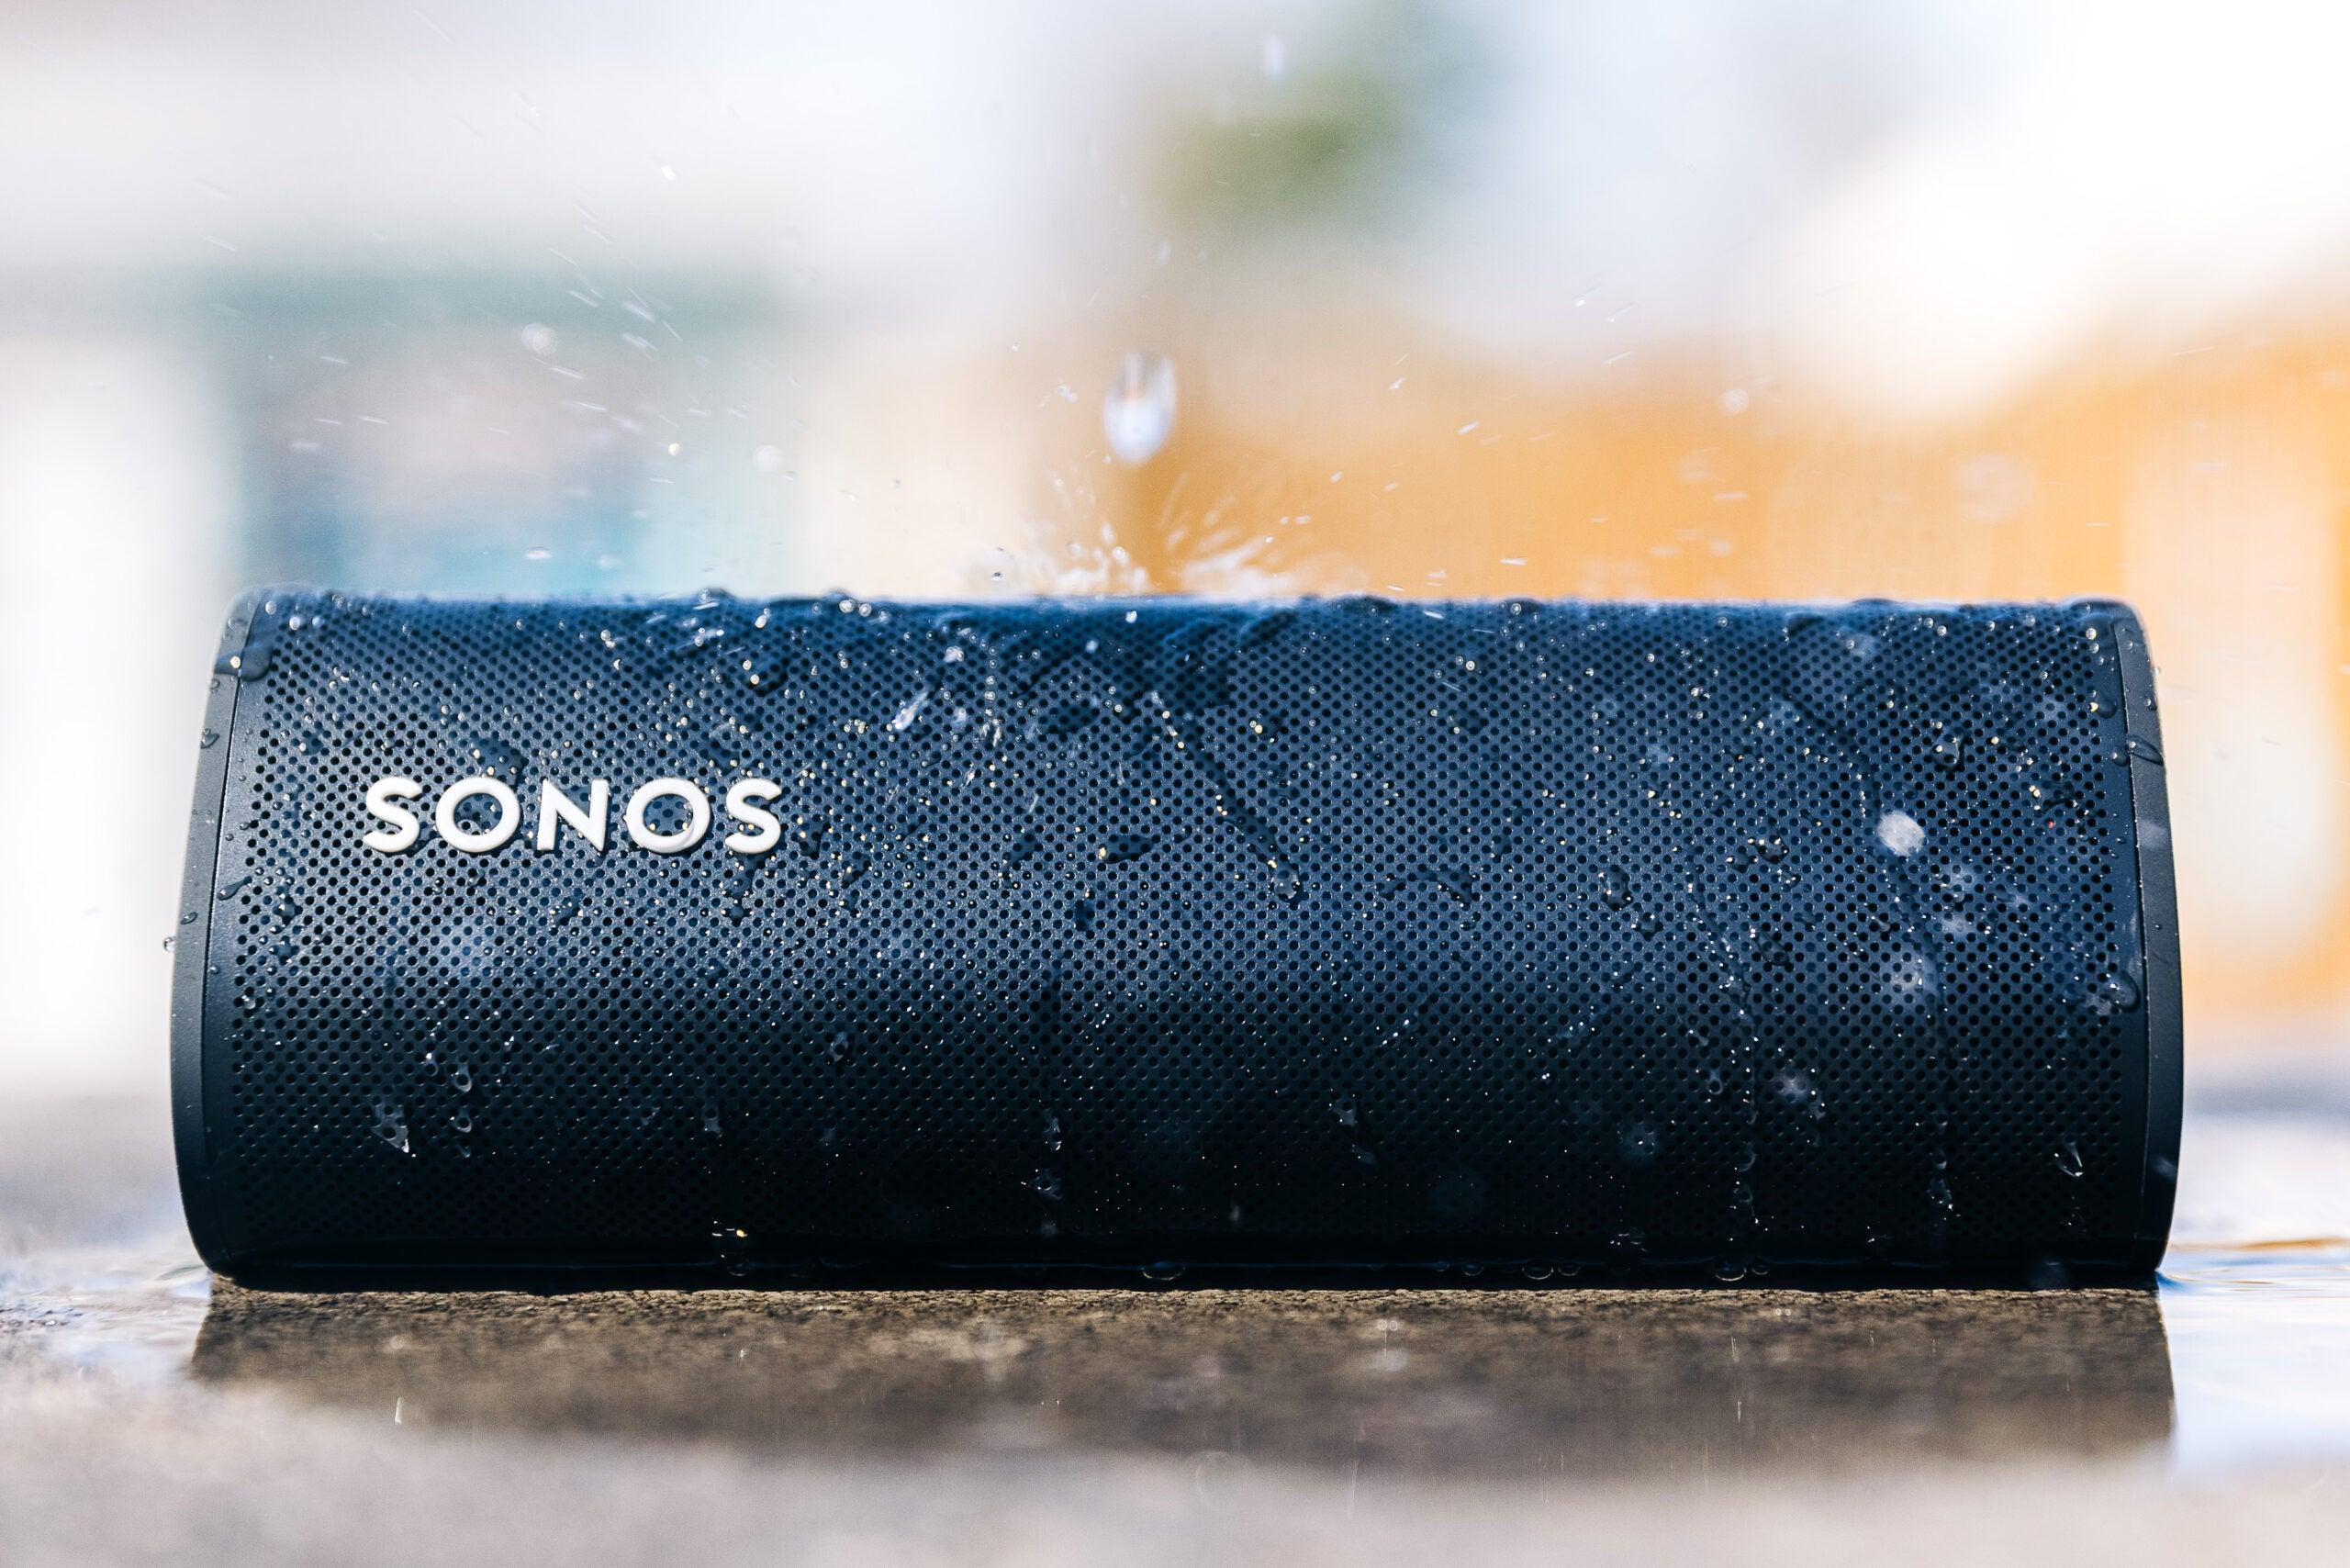 Sonos roam speaker with water falling on it